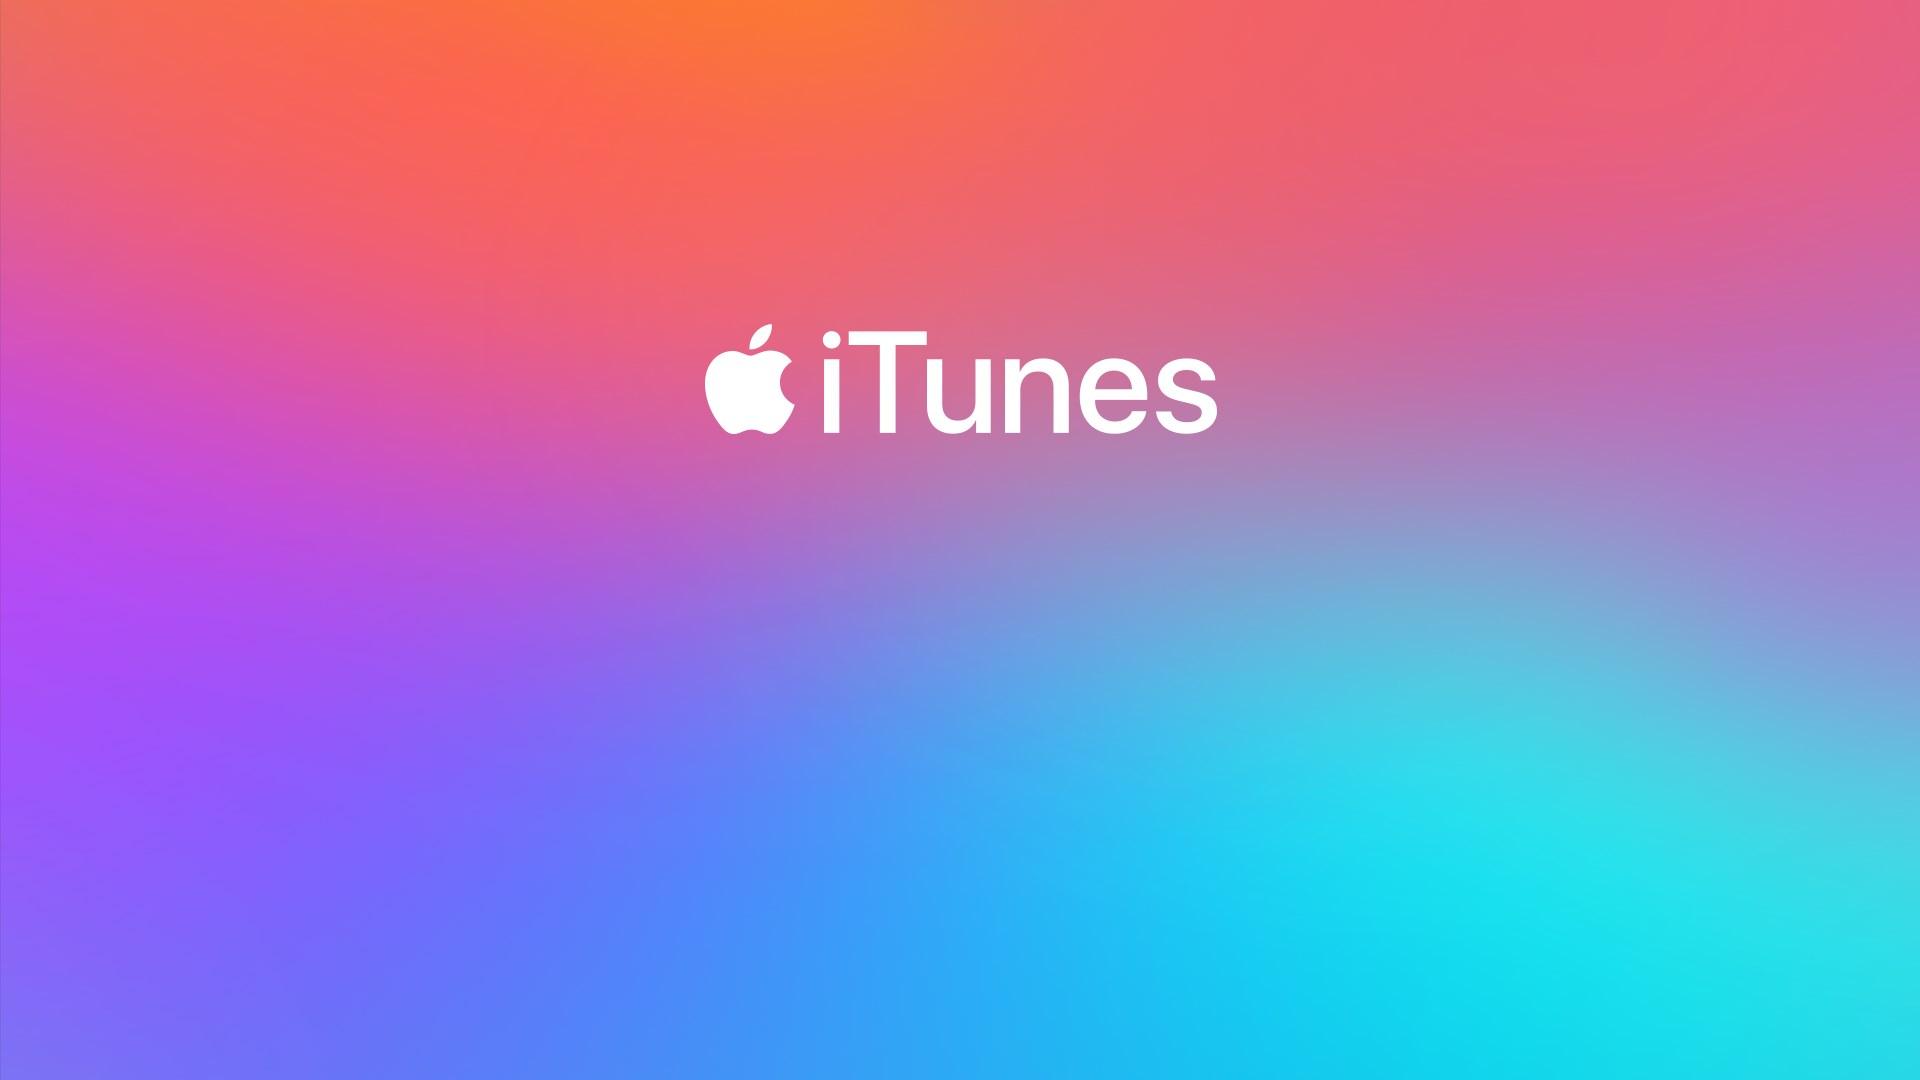 iTunesがエラーが出て起動しない問題・・・